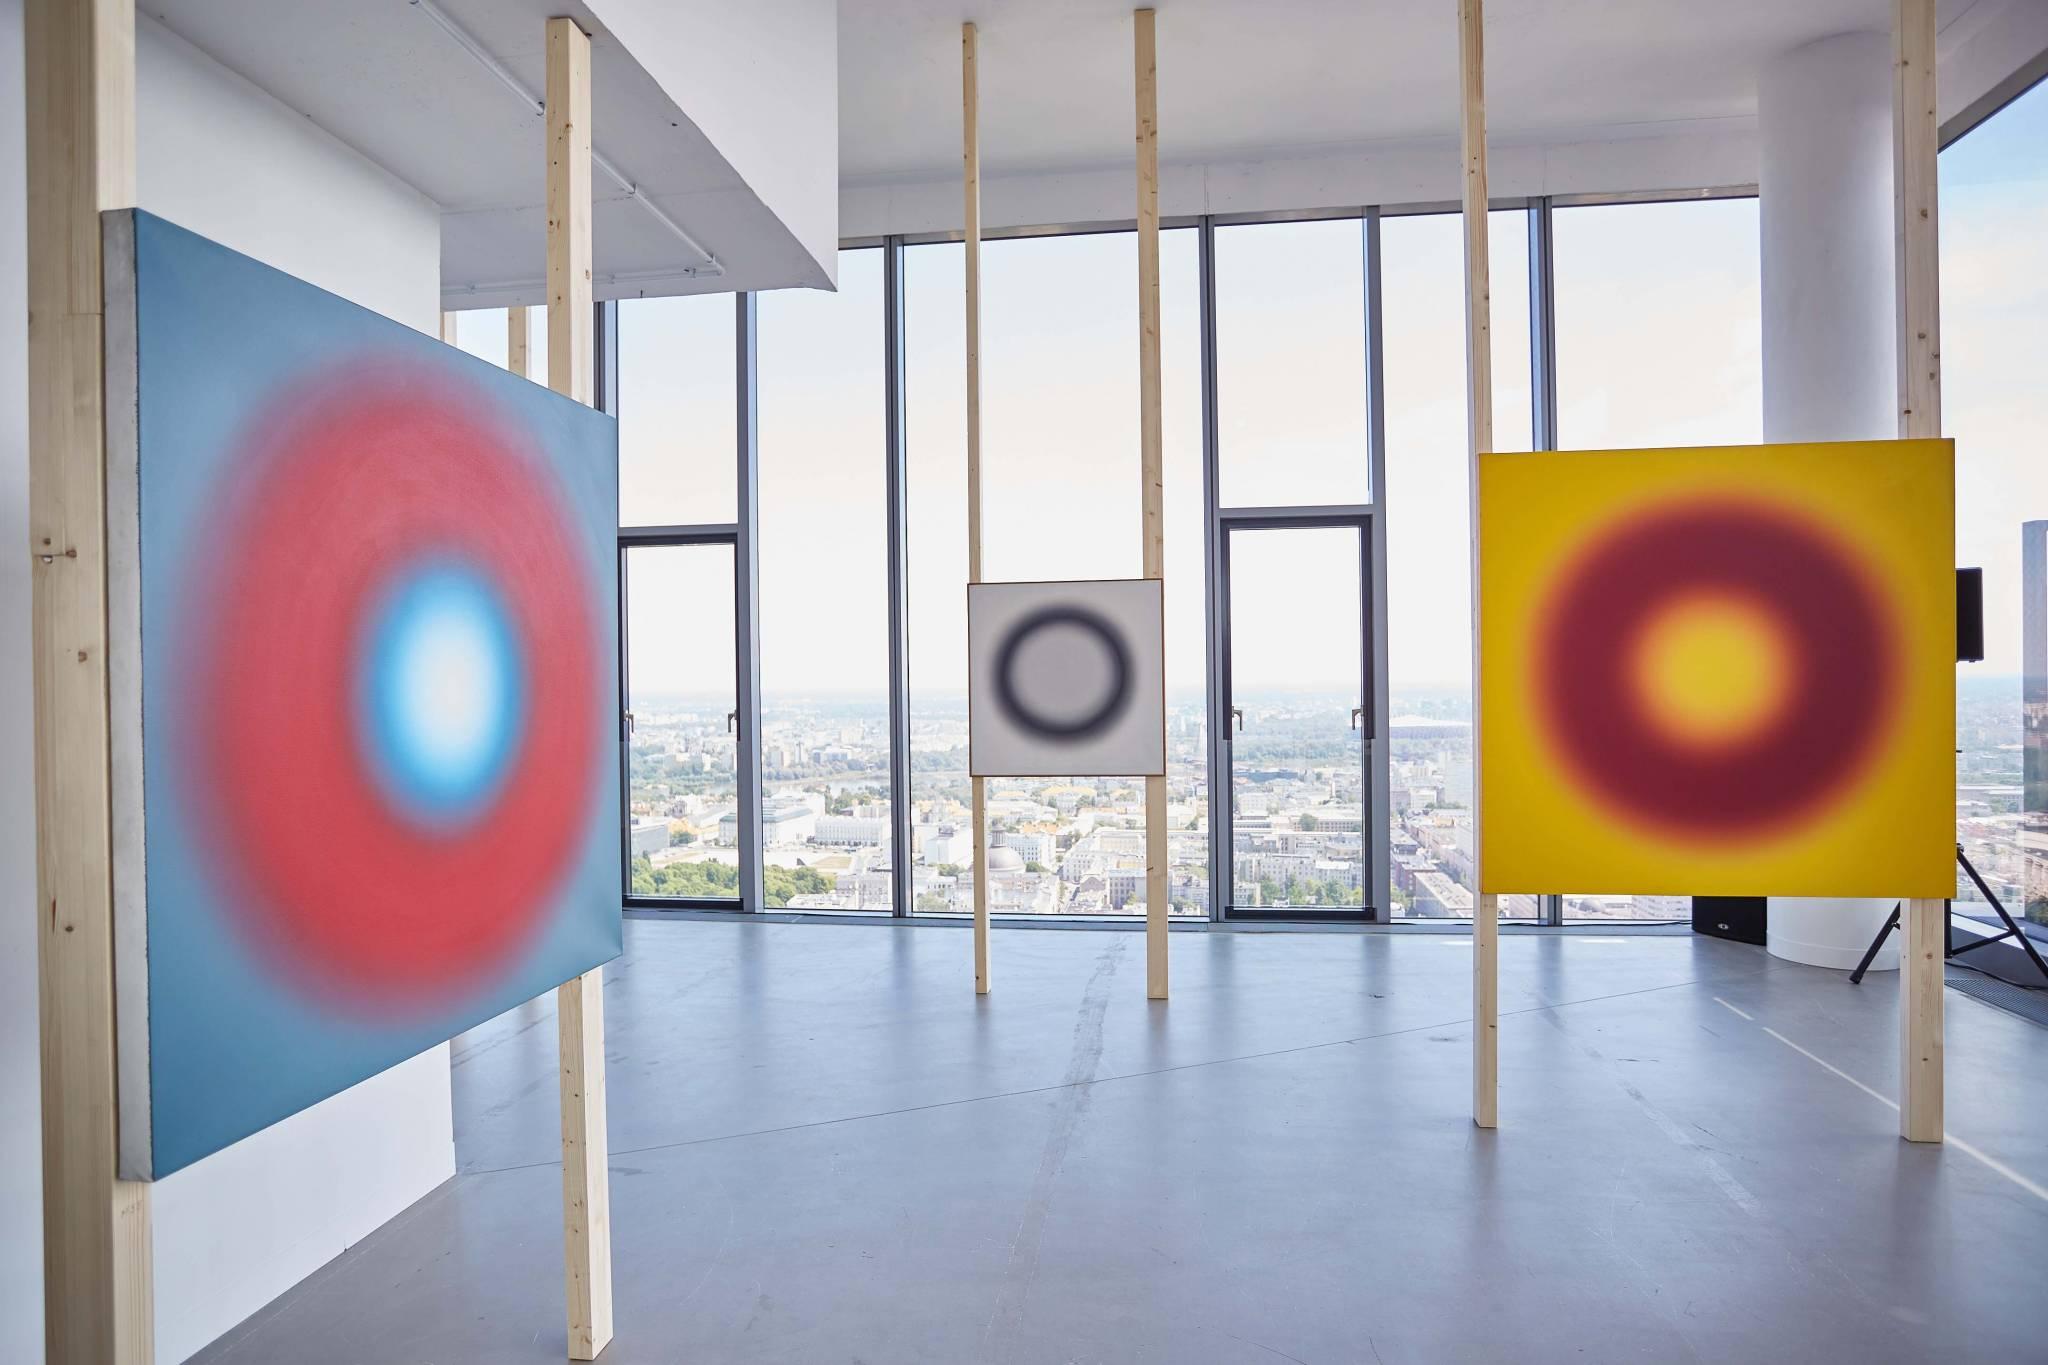 Niezwykła wystawa prac Wojciecha Fangora na 42 piętrze Cosmopolitan!